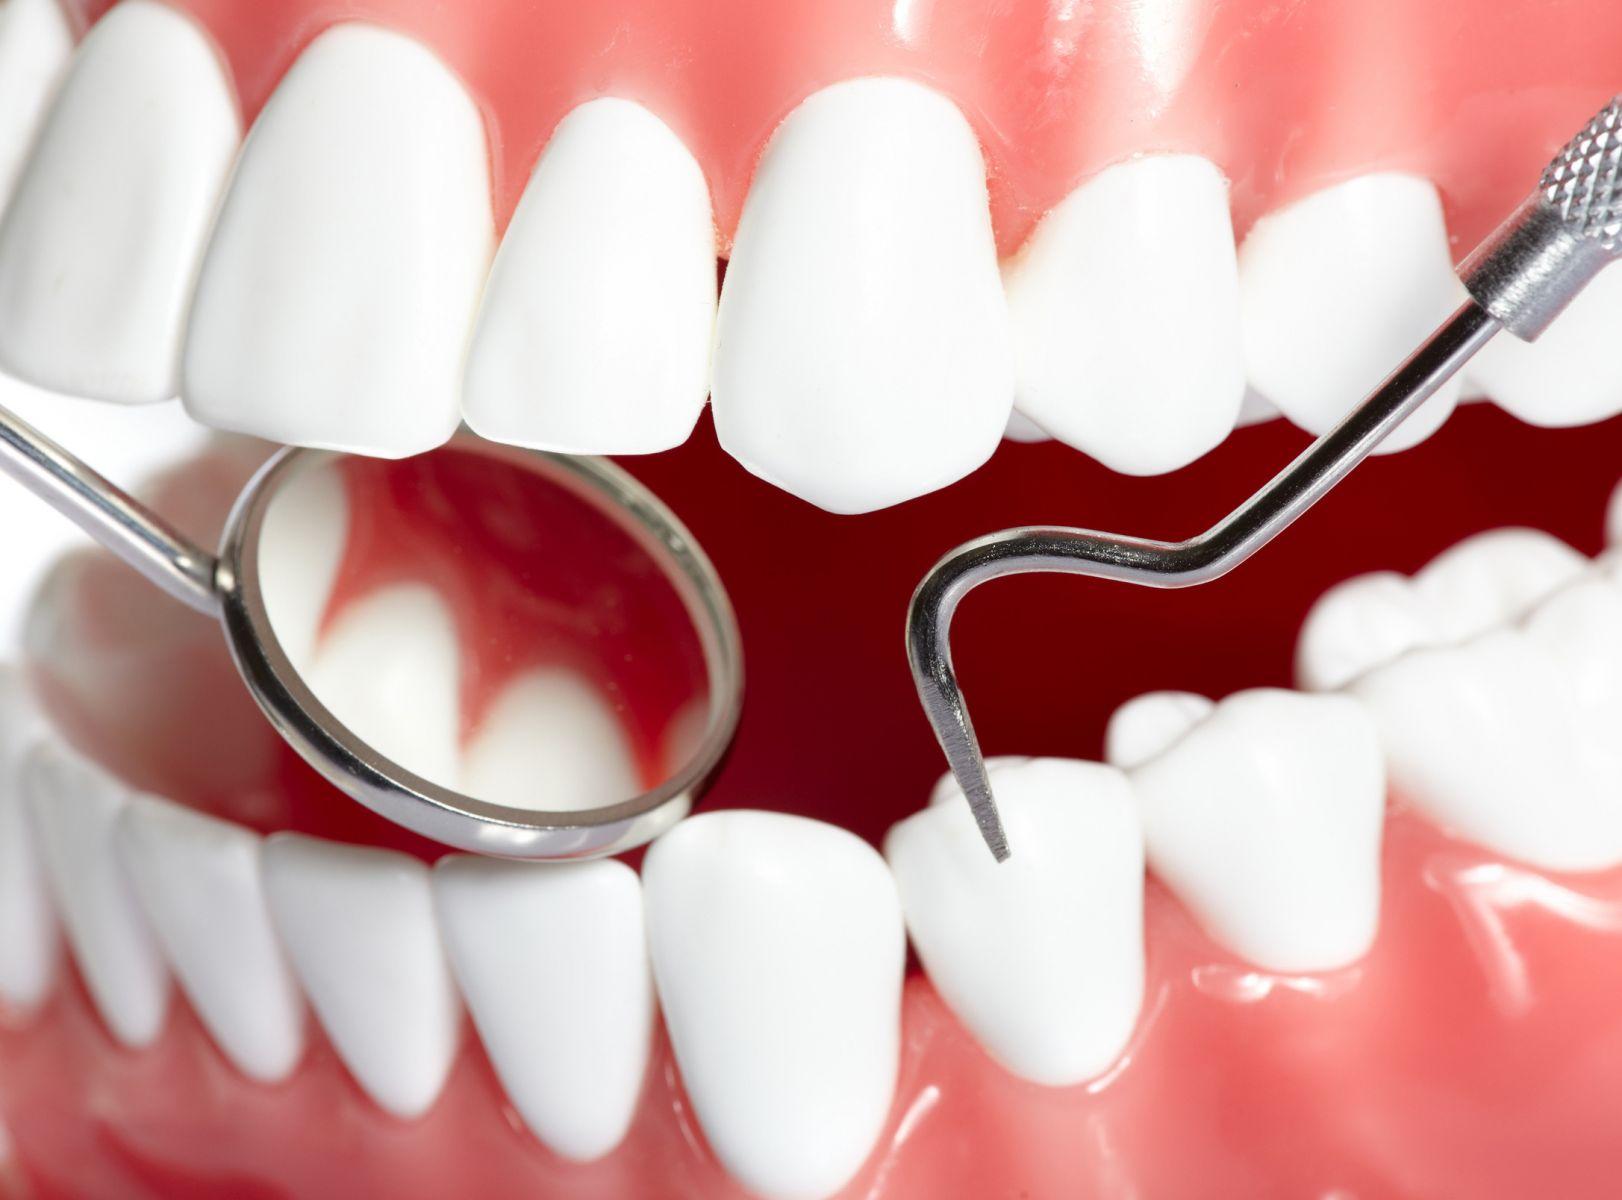 未來蛀牙的救星,科學家開發出能直接修復琺瑯質的凝膠